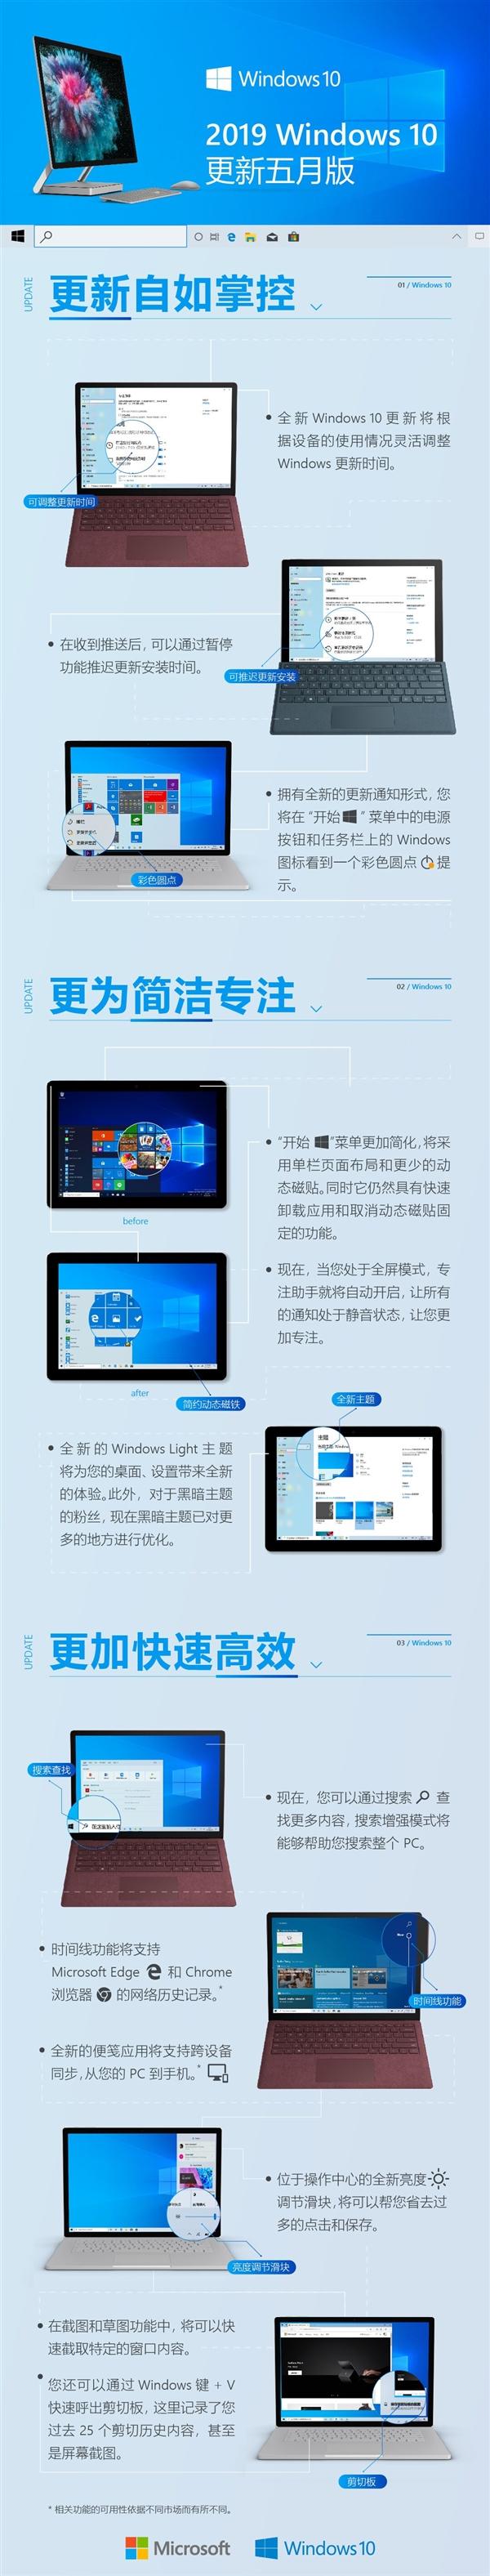 史上最益用?一张图望懂Windows 10更新2019五月版